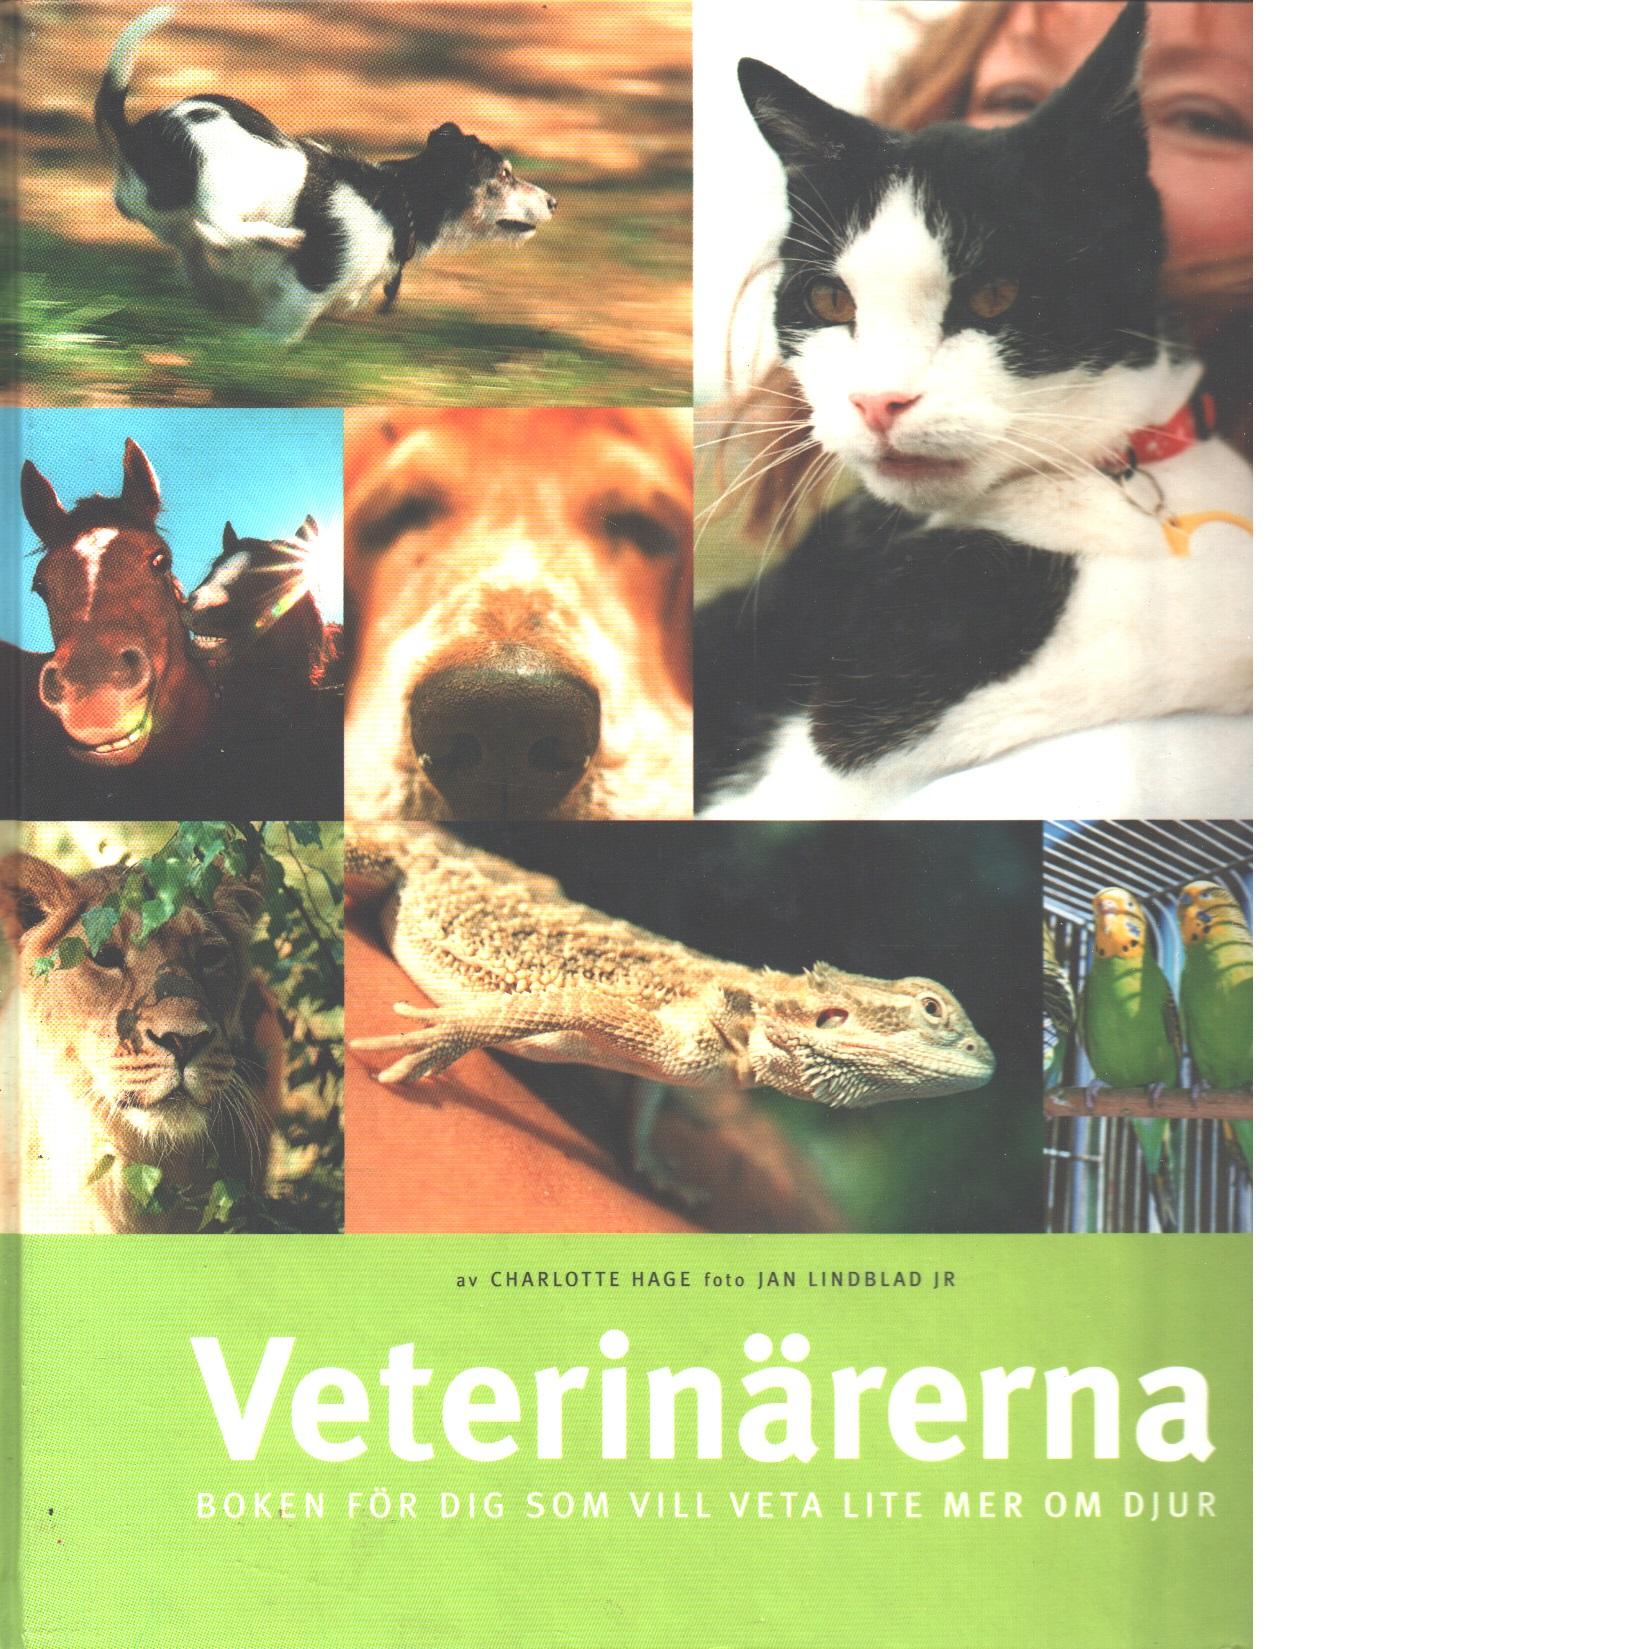 Veterinärerna : boken för dig som vill veta lite mer om djur - Hage, Charlotte